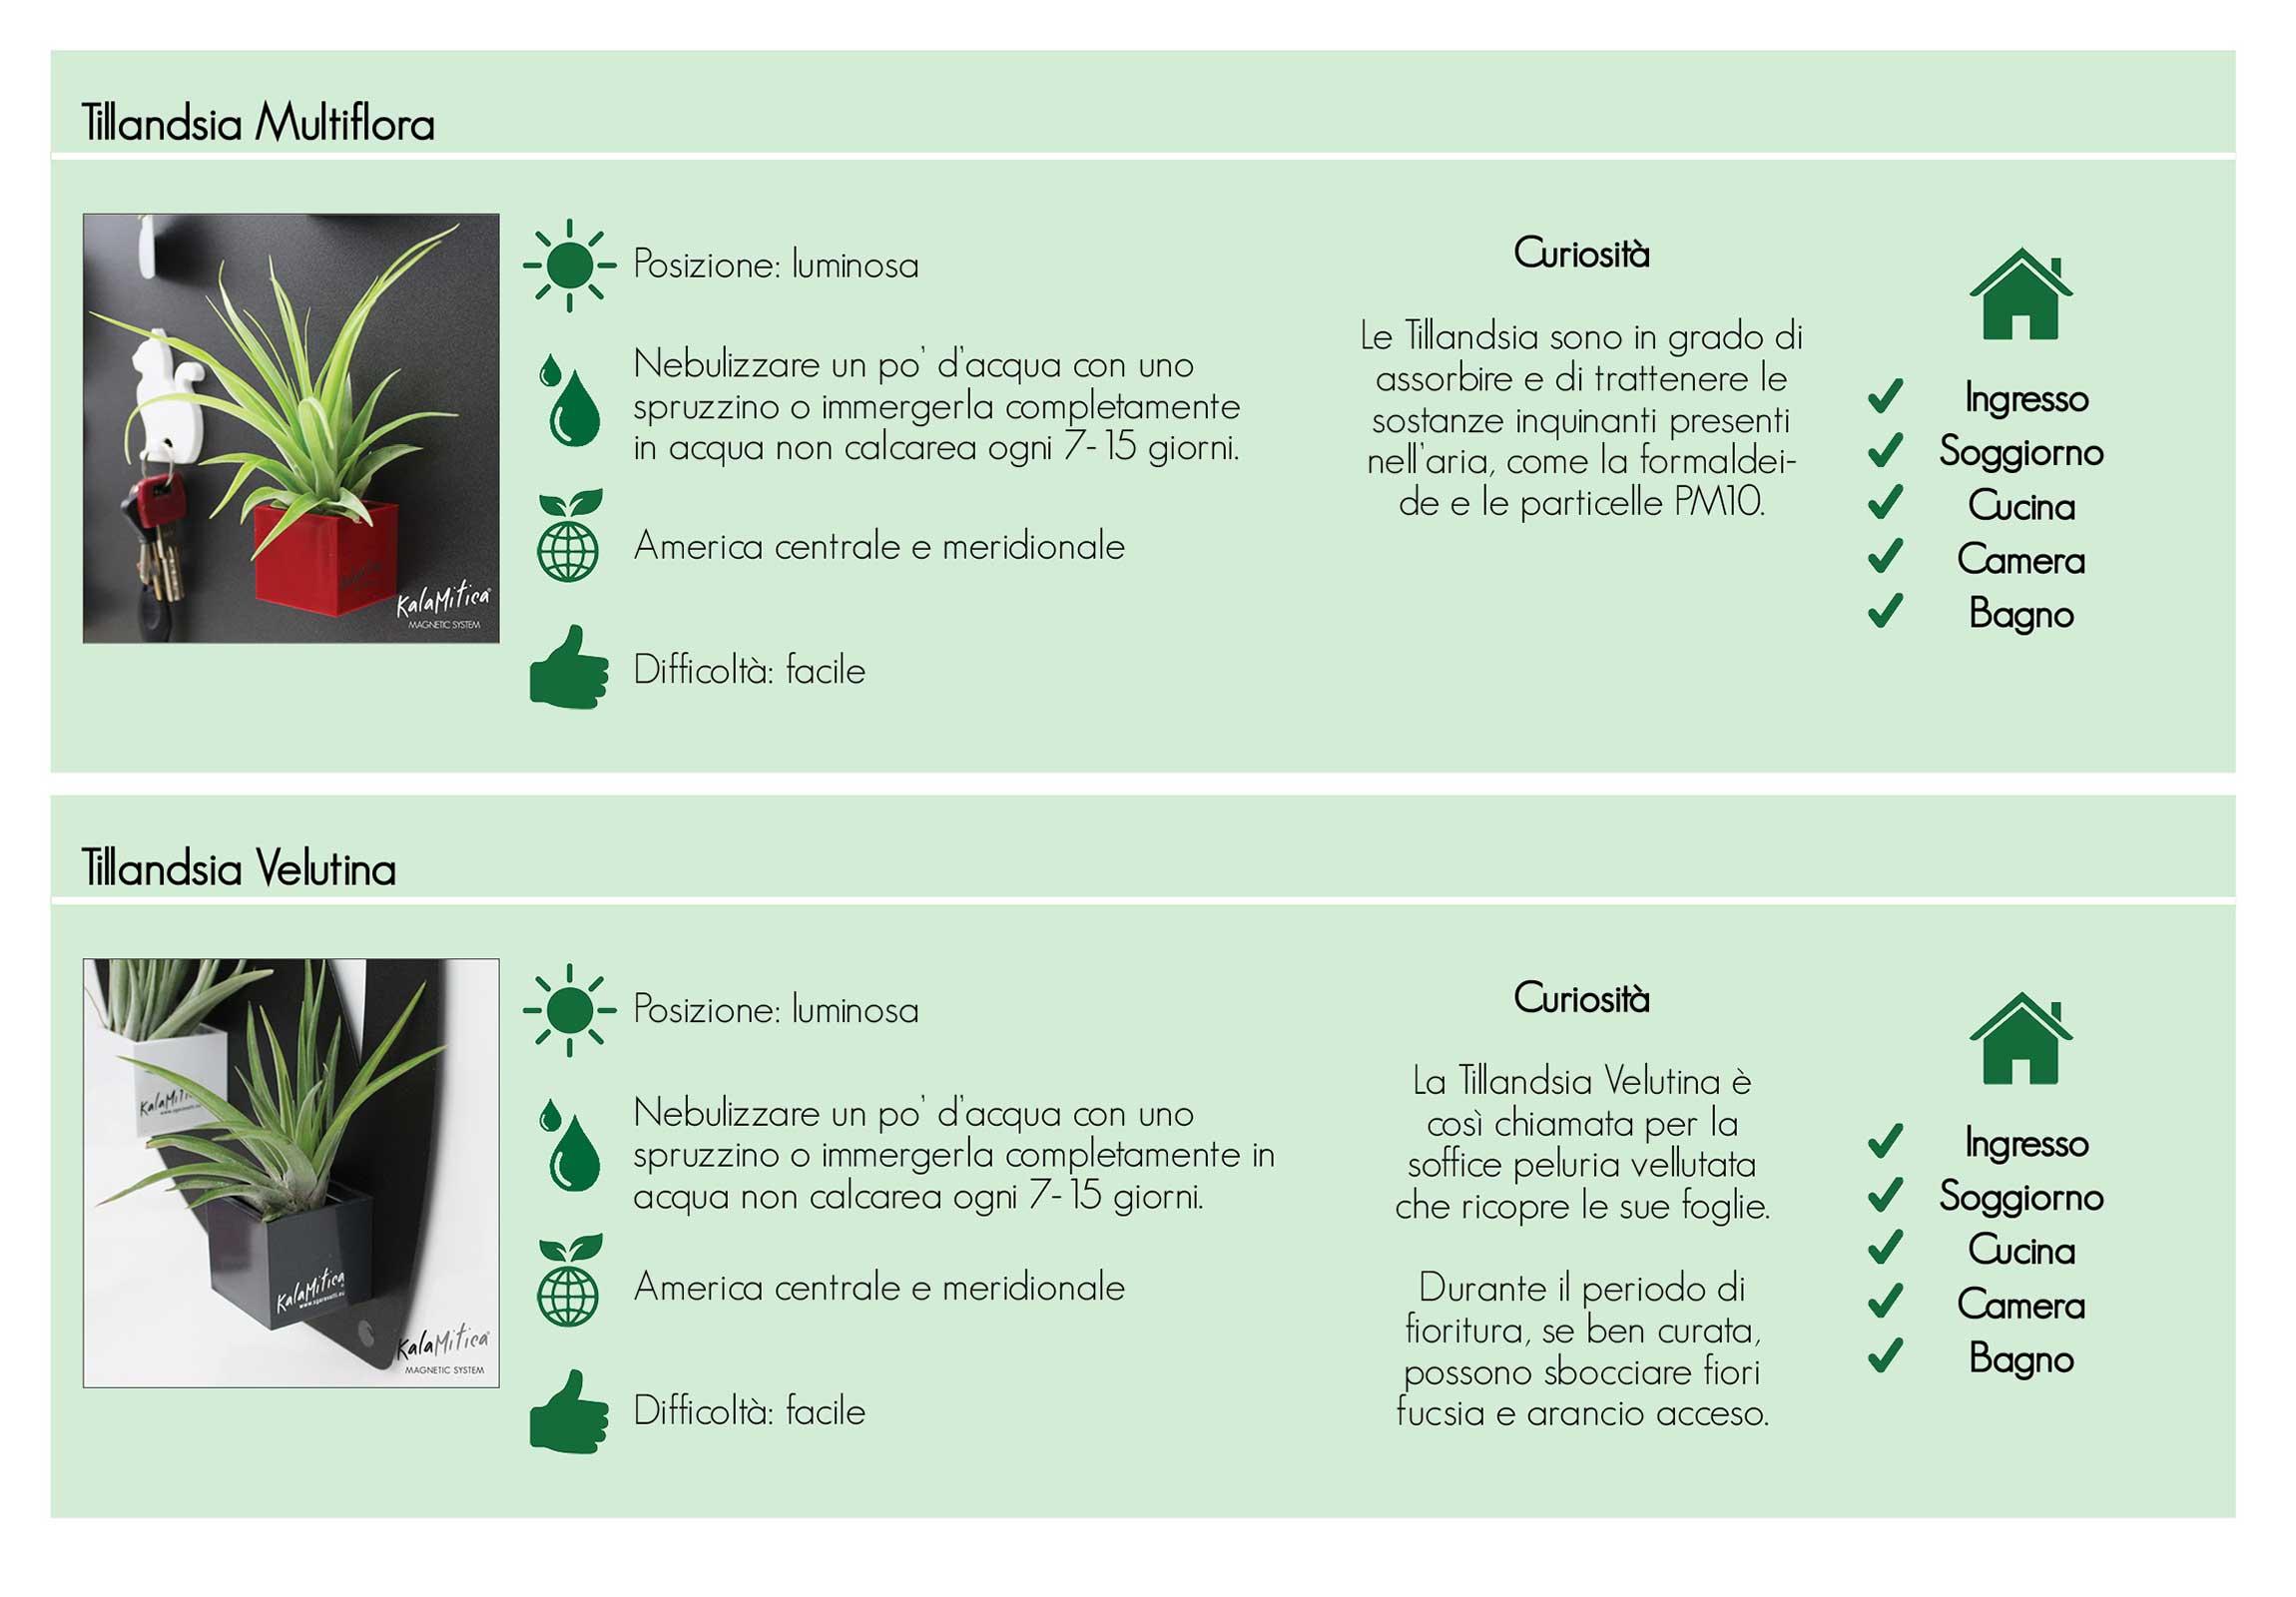 tabella completa per la cura e il mantenimento delle tillandsia